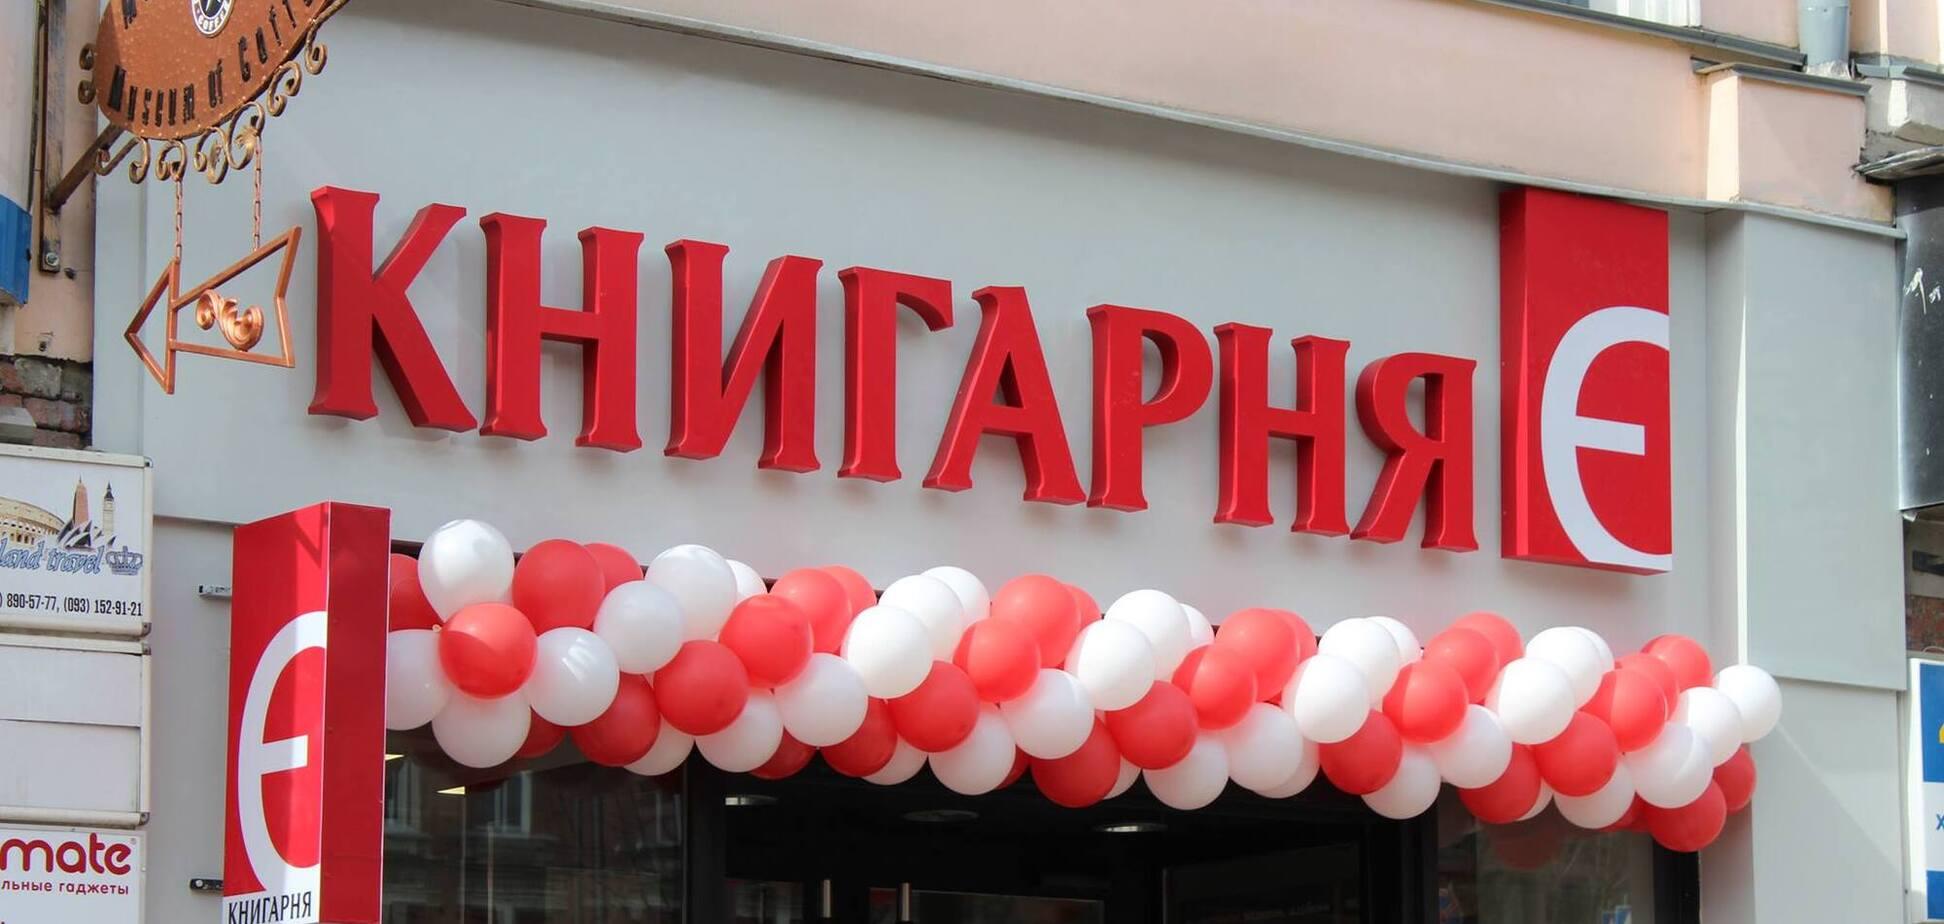 'Книгарня 'Є' объявила, что будет продавать русскоязычные книги